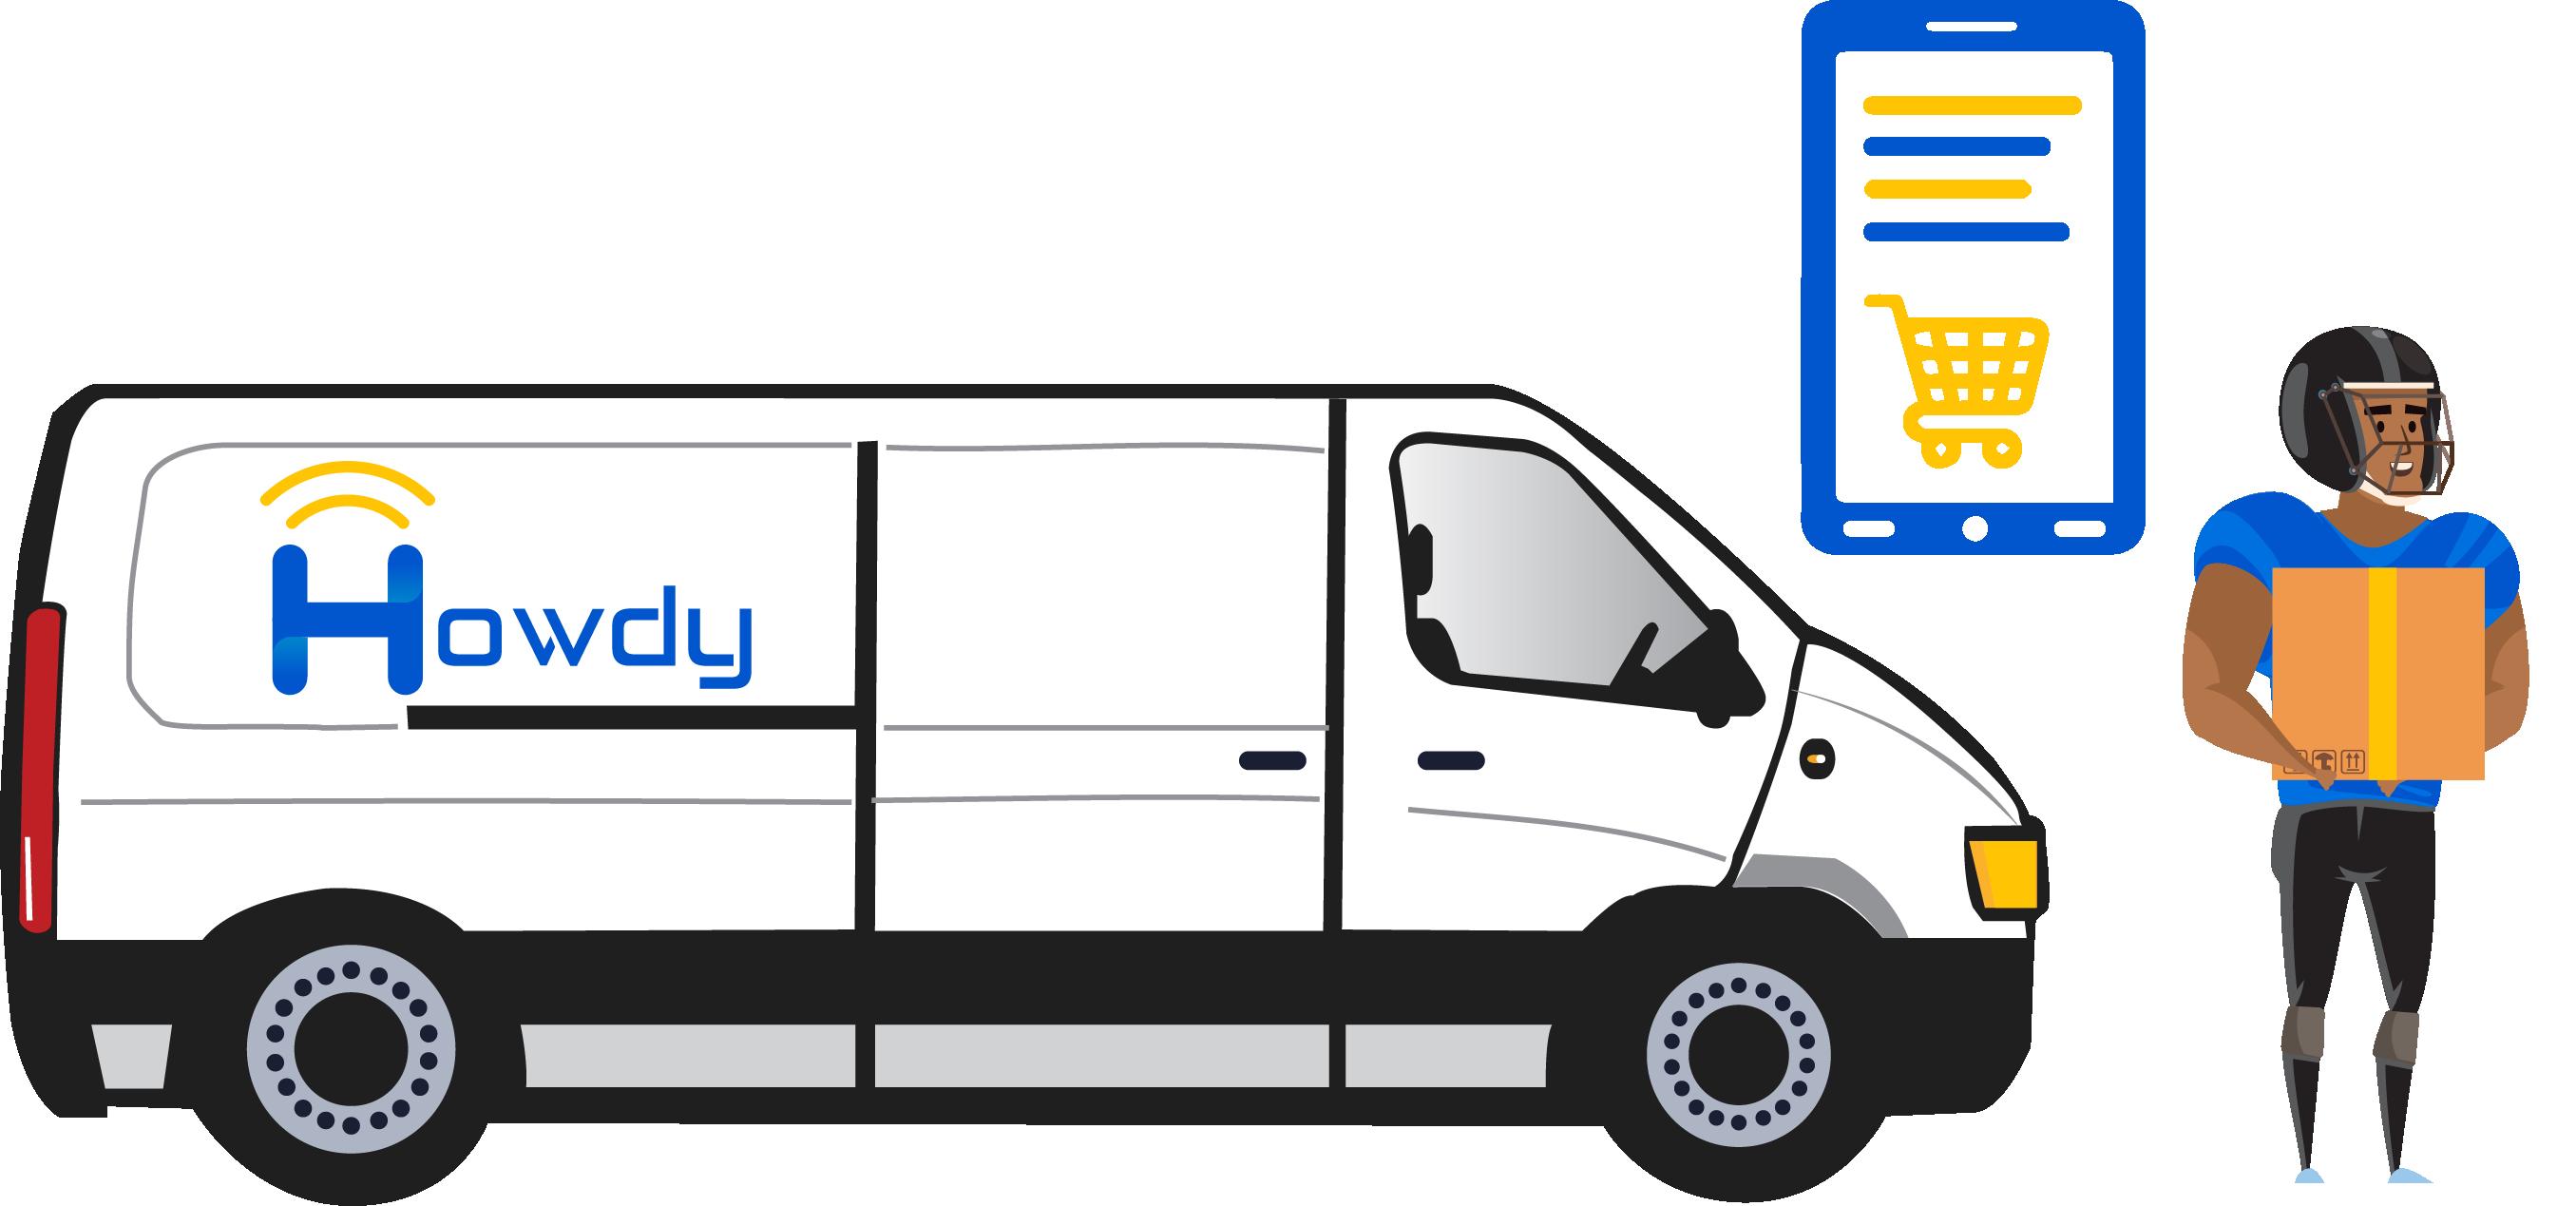 craiglist-delivery